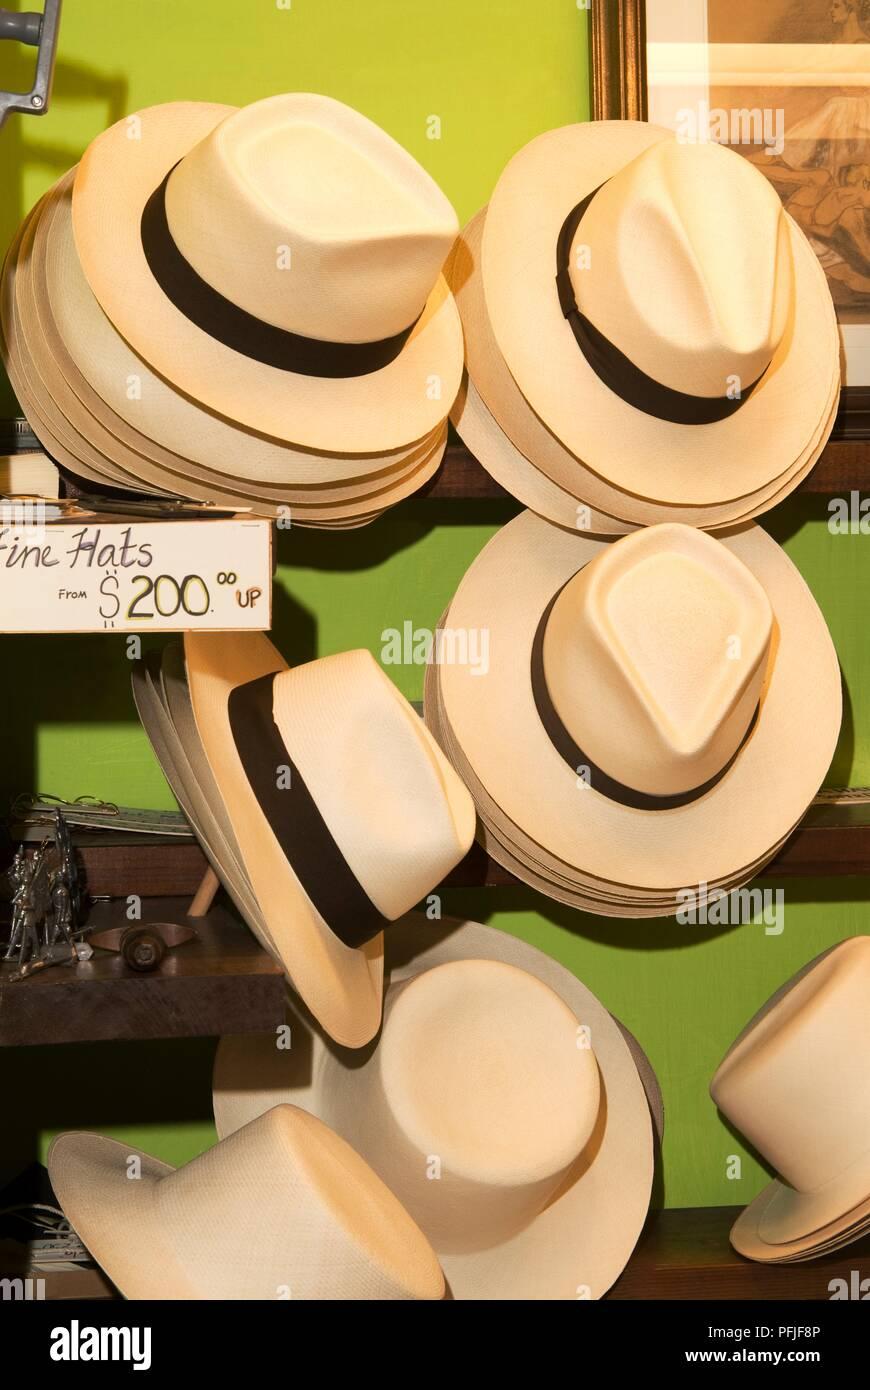 Puerto rico san juan los sombreros panamá en la pantalla en la tienda  imagen jpg 870x1390 7994a7e9d0c